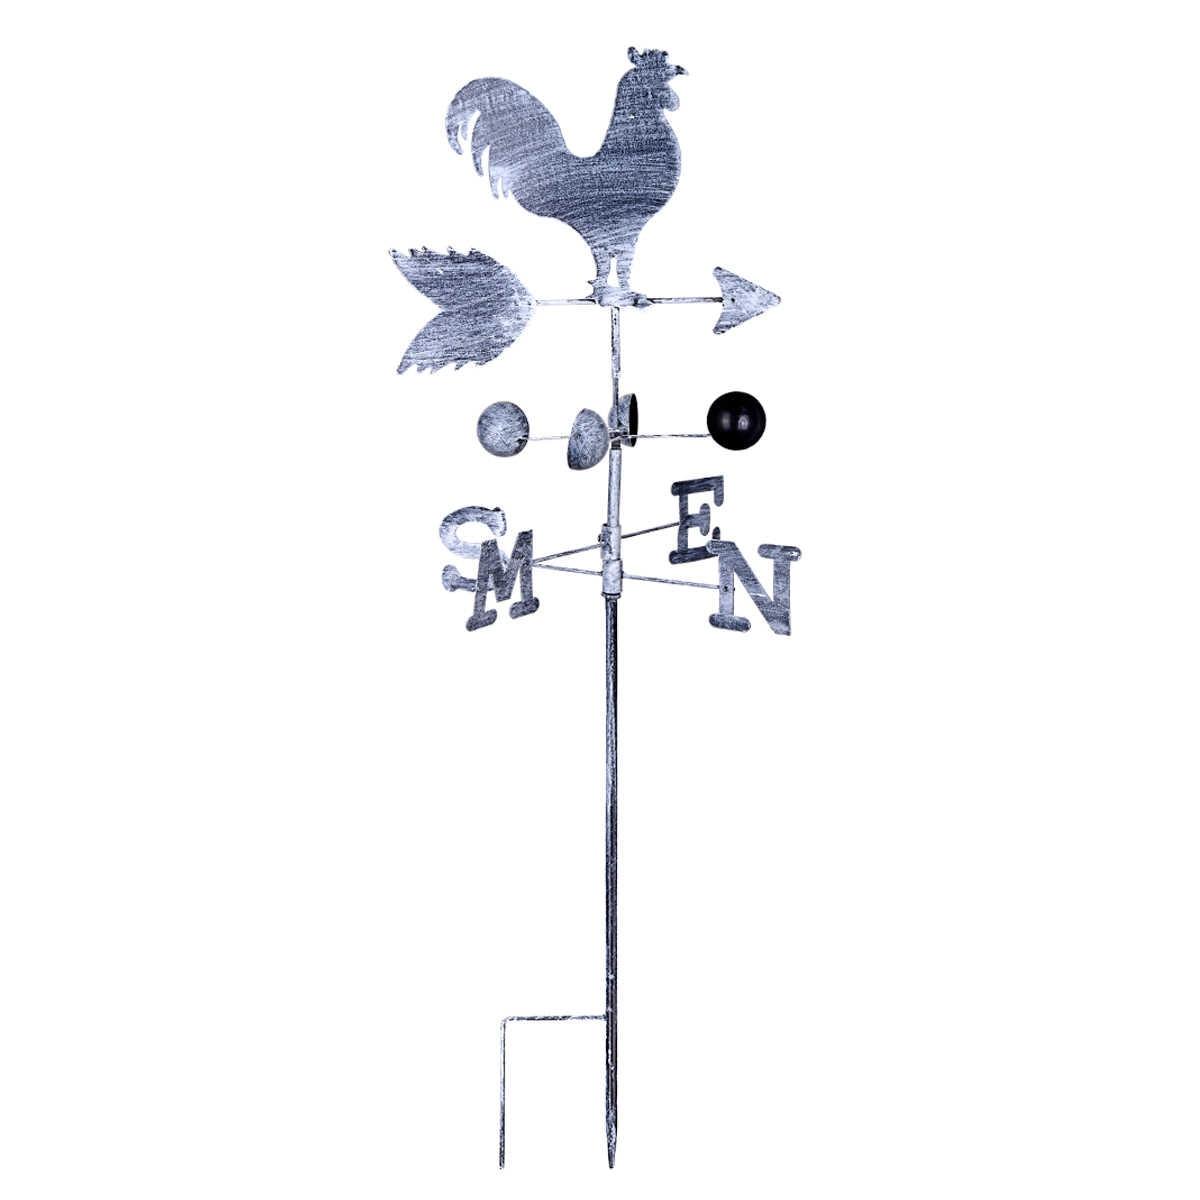 Металл Утюг петух погода лопасти 120 см ветер скорость Spinner направление индикатор украшение садового орнамента Патио двор поставки